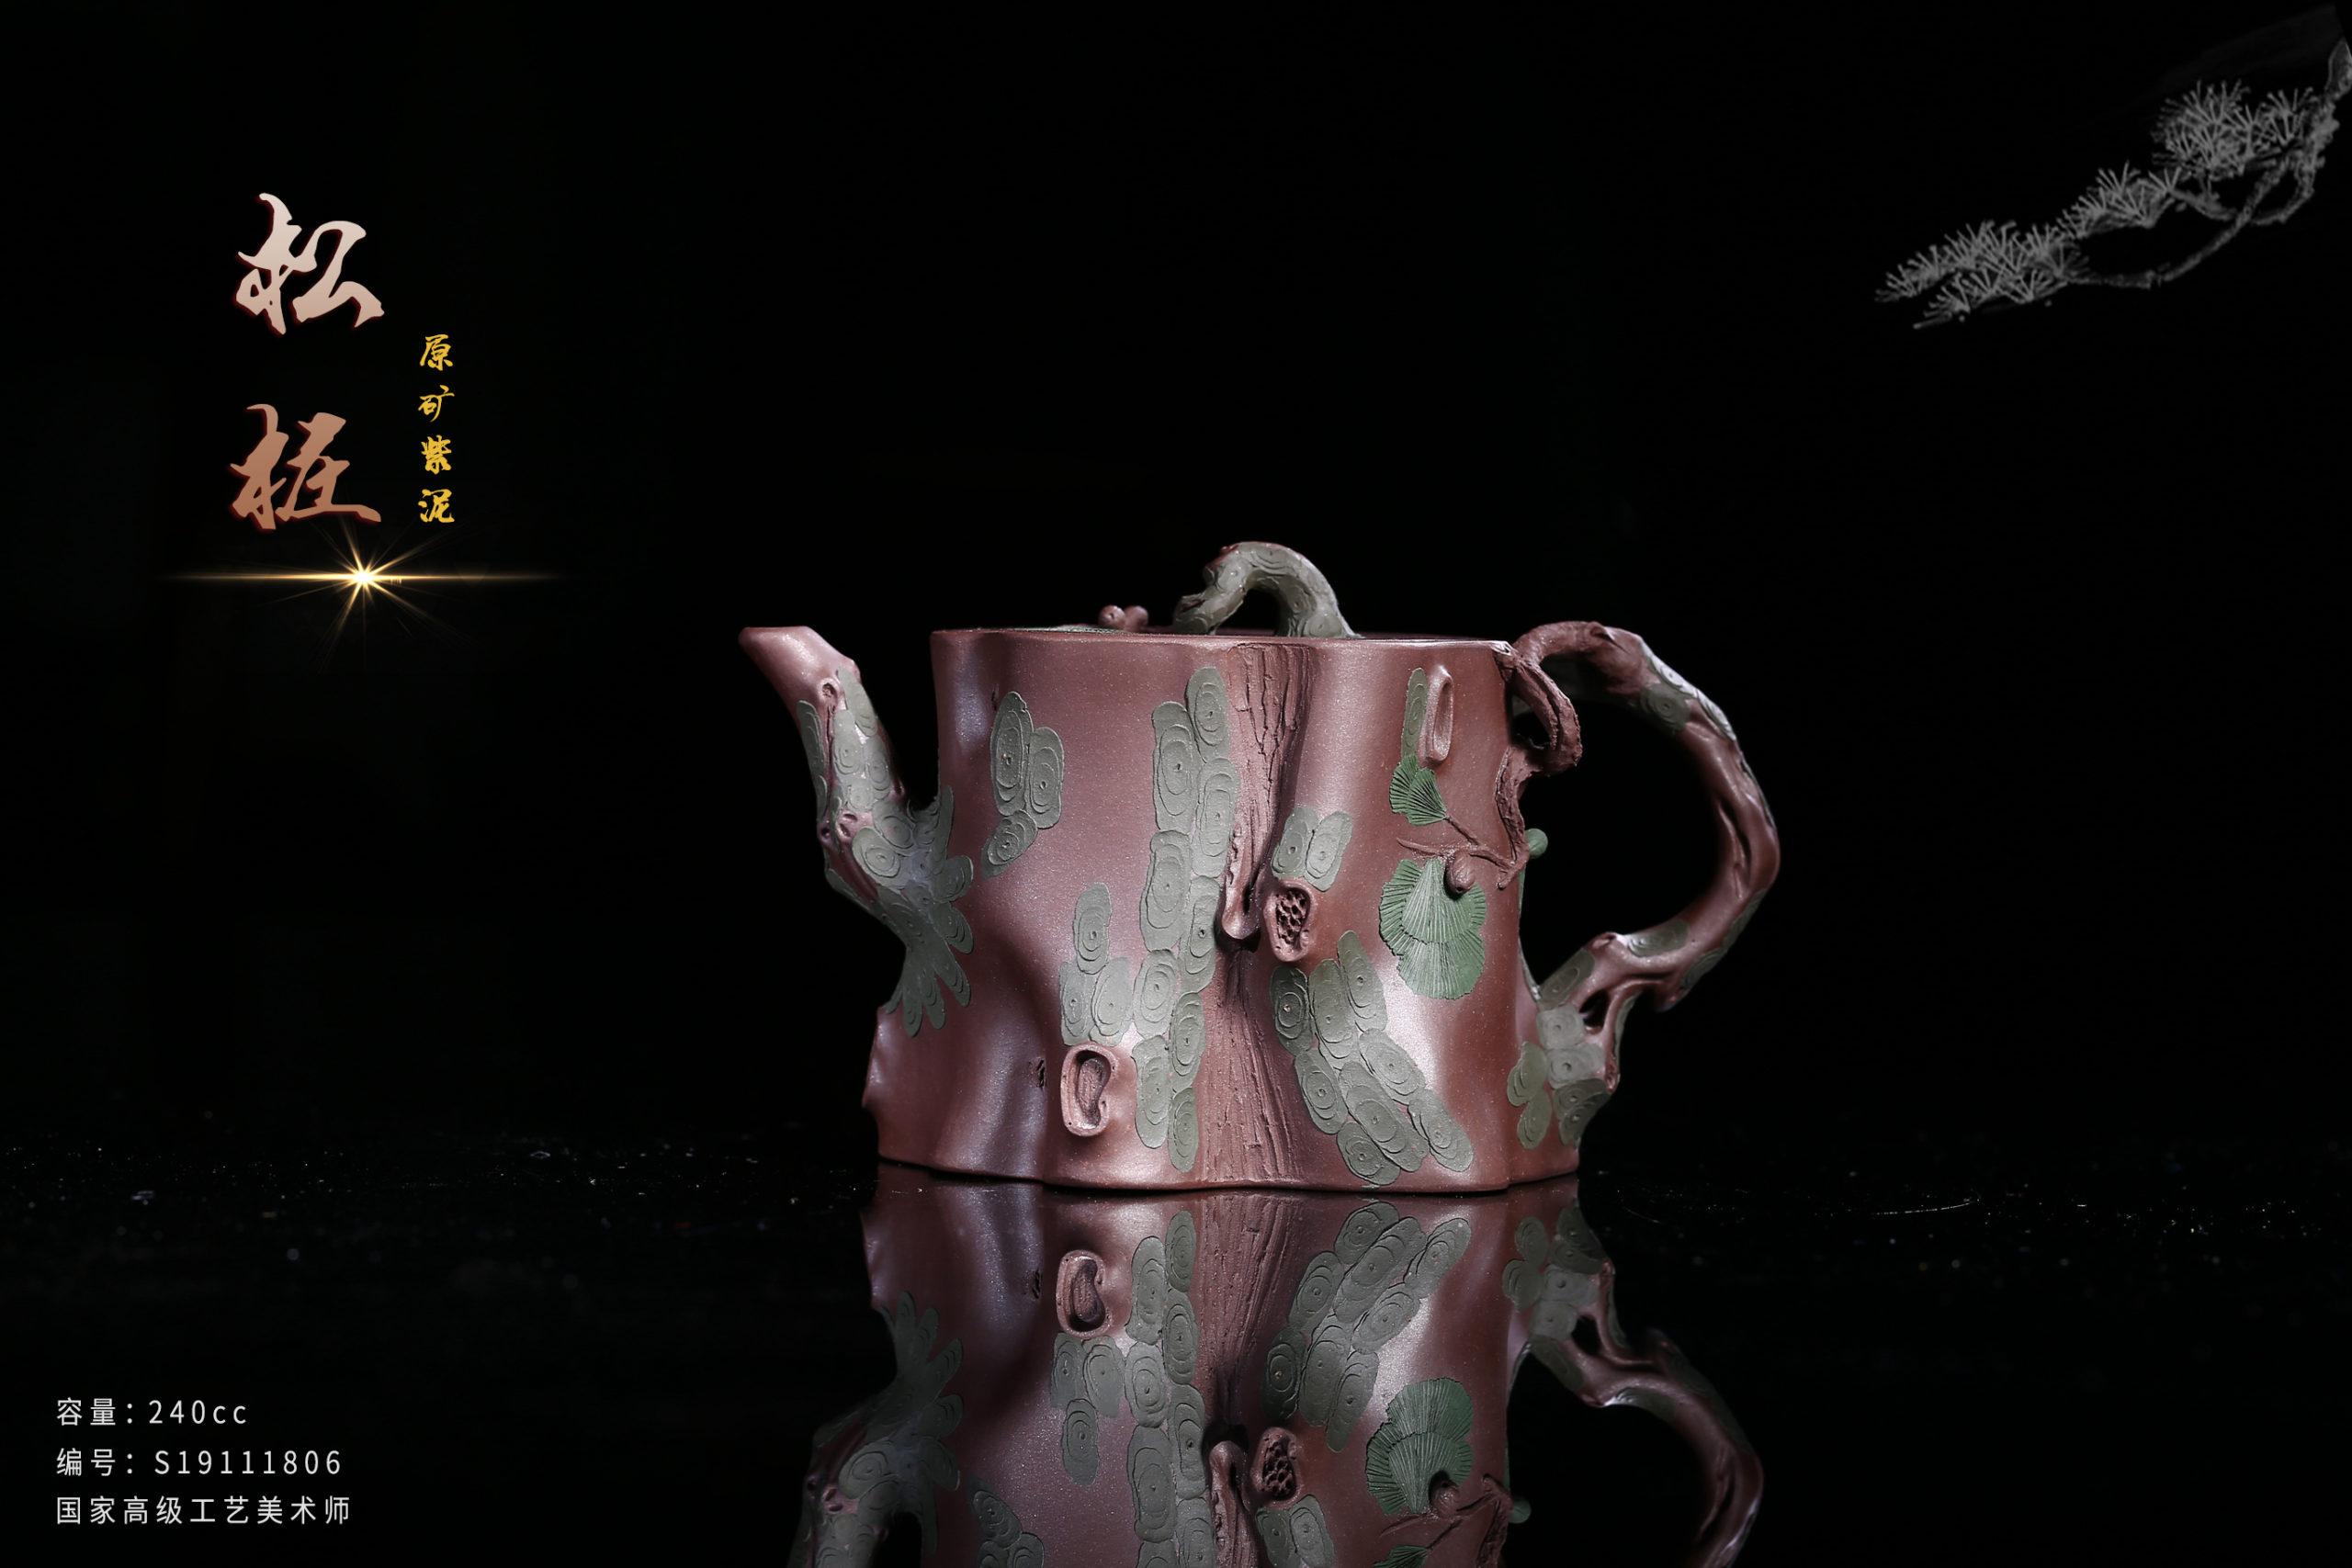 用这些方法来鉴定紫砂壶的好坏,正确吗?